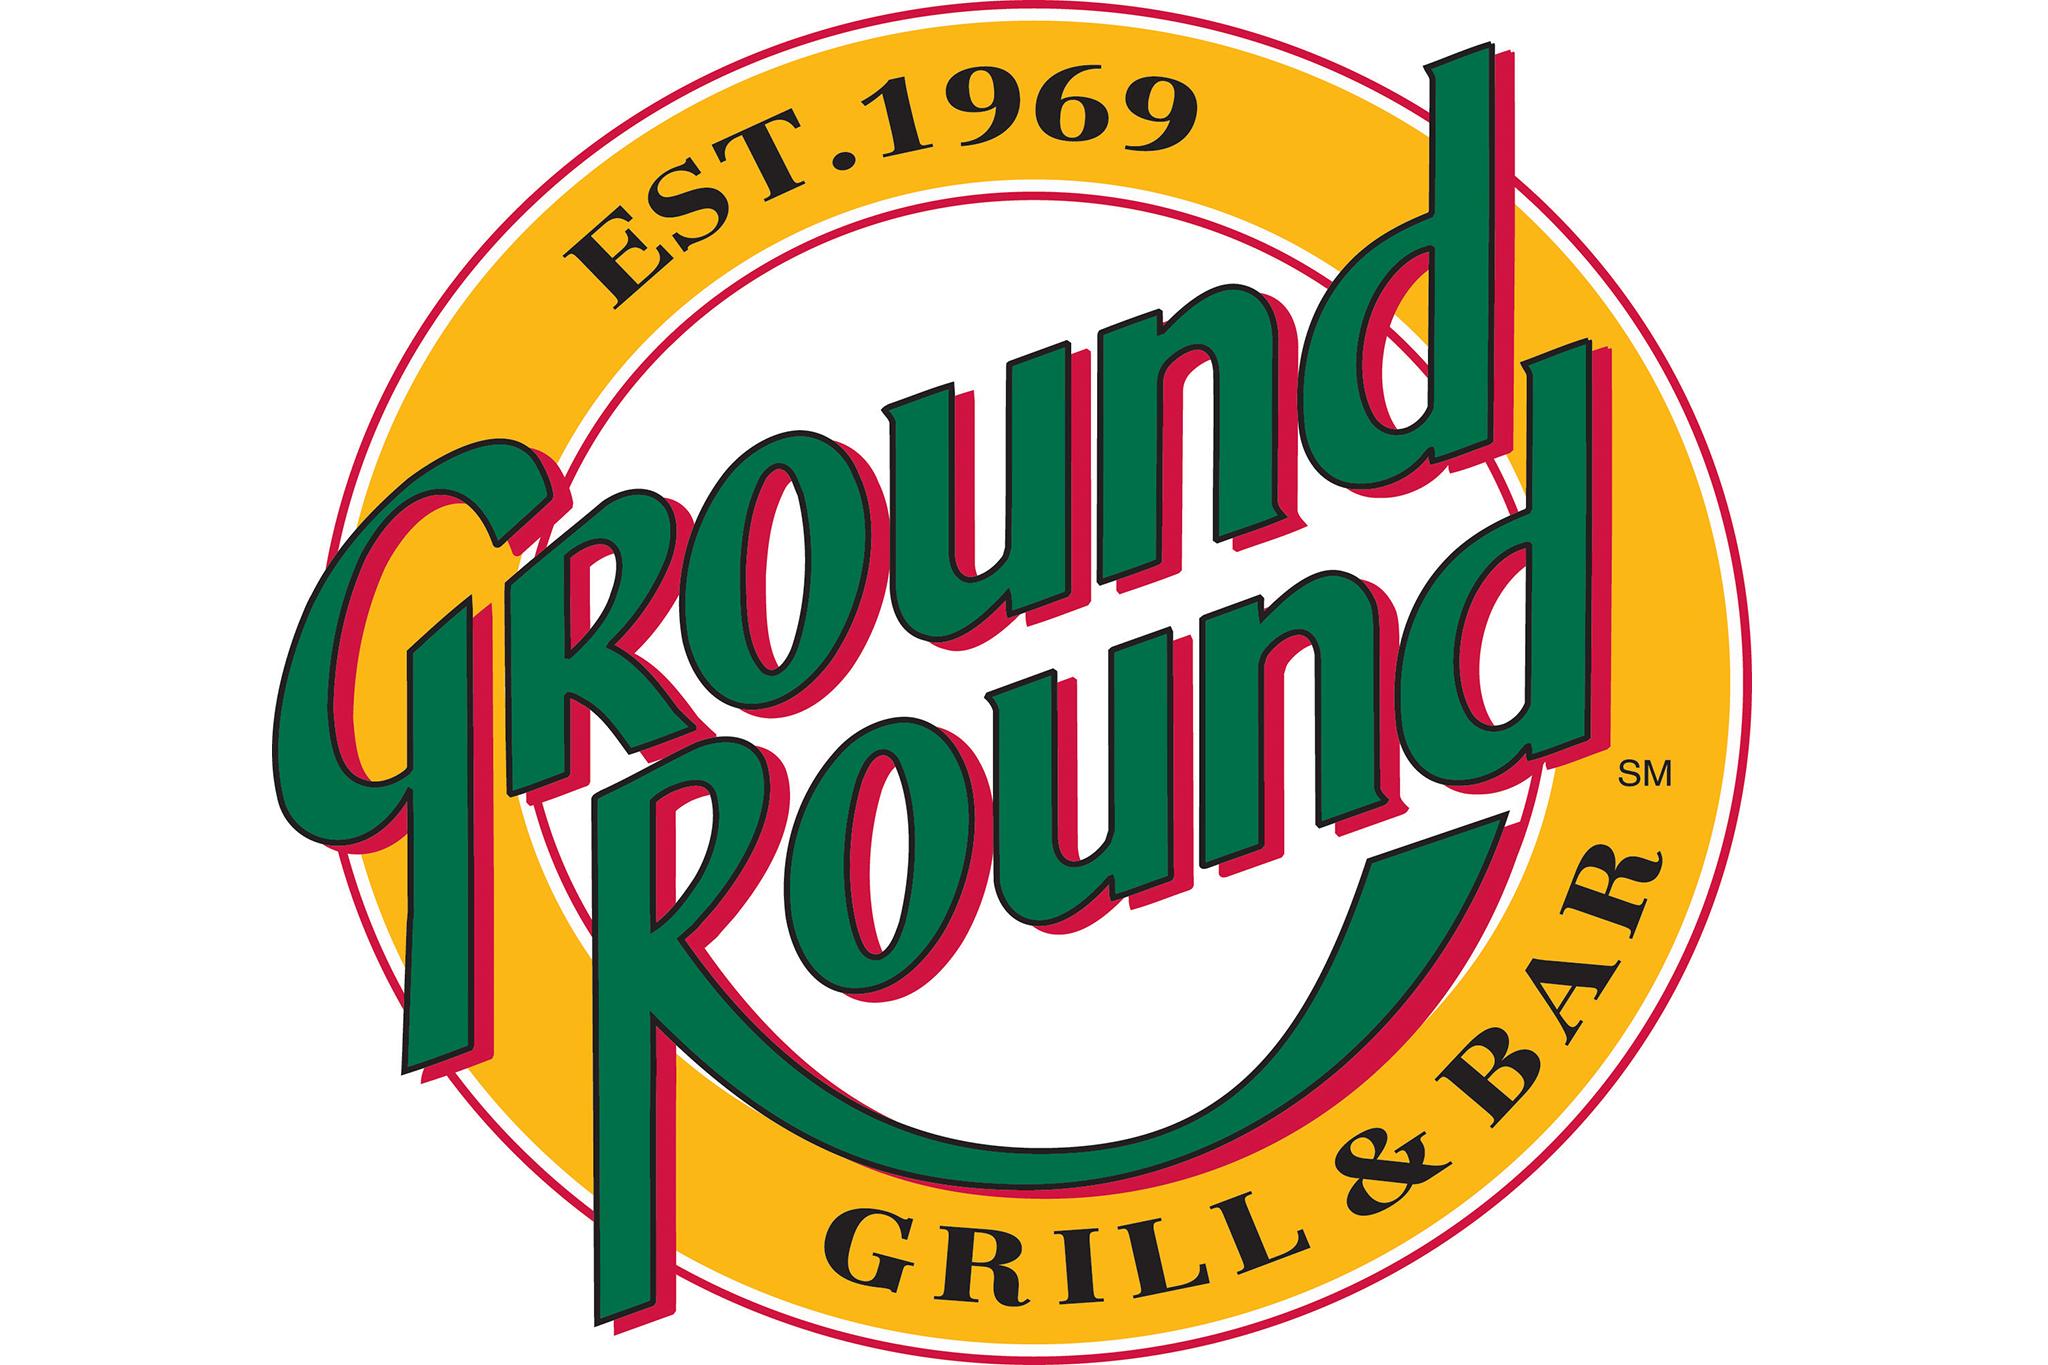 kisspng-ground-round-grill-bar-ground-round-restaurant-g-restaurant-logo-5b19a4e28b6451.384452271528407266571.png